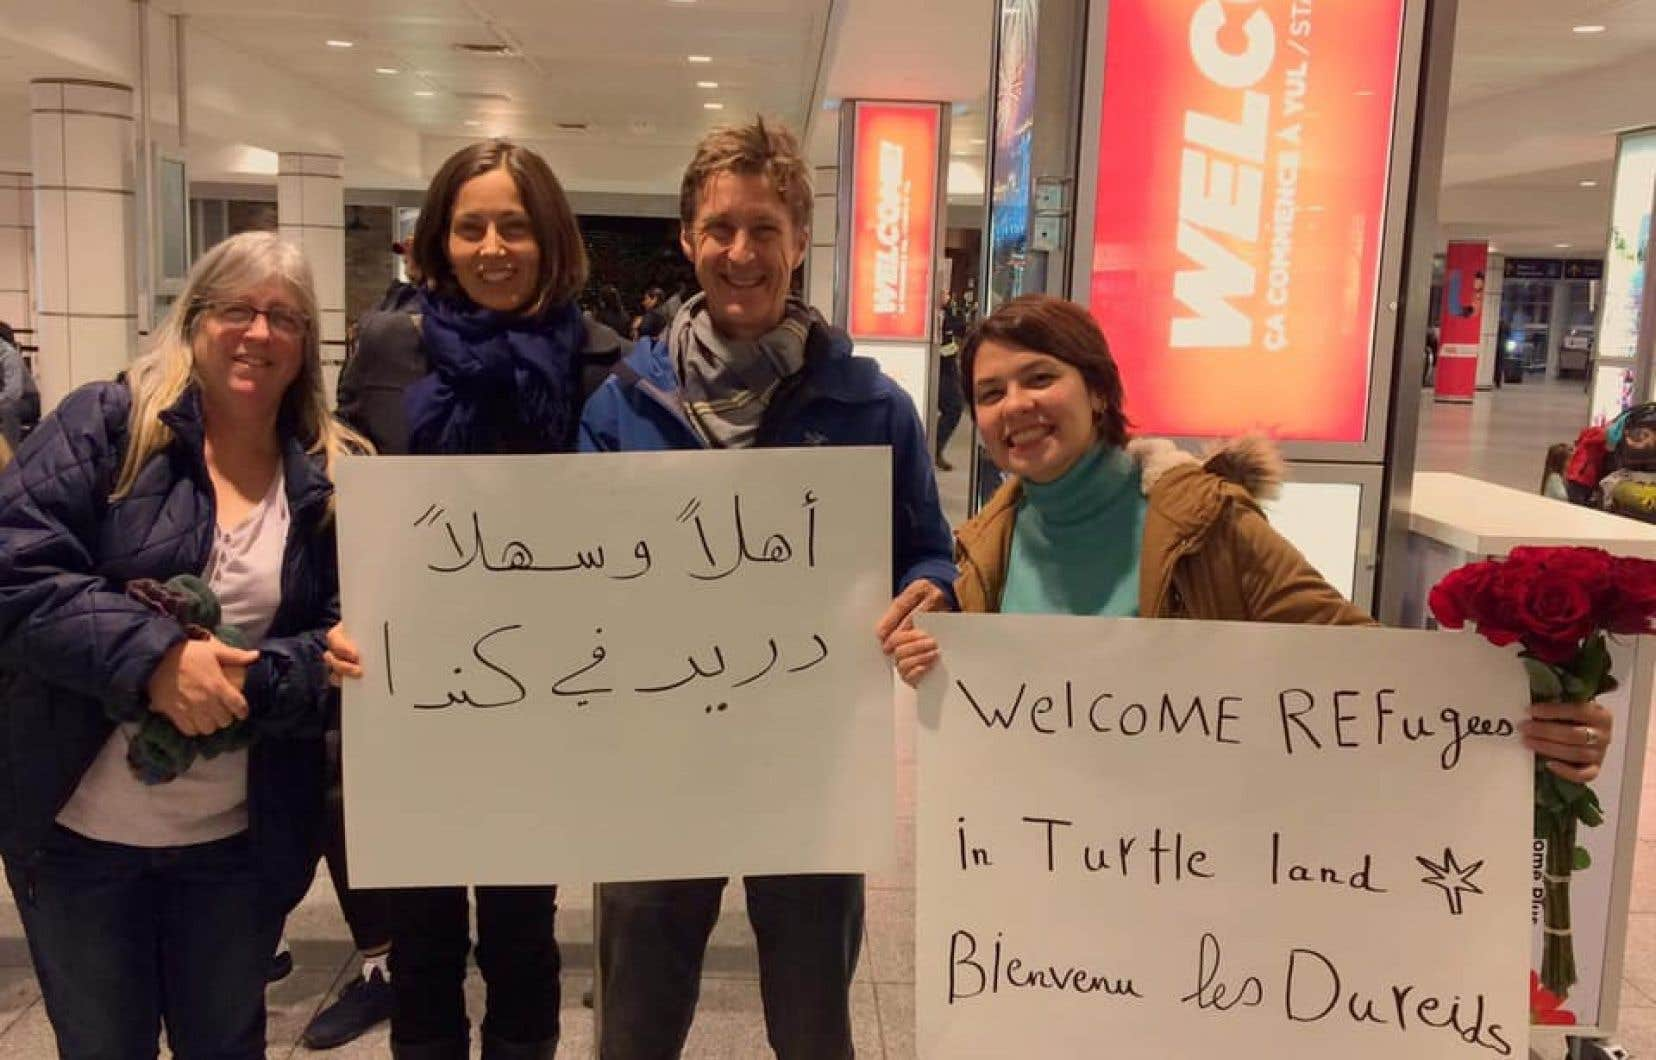 En novembre 2019, Muzna Dureid (à droite) est allée attendre à l'aéroport ses parents et l'un de ses frères, que sa famille adoptive québécoise (au centre sur la photo) avait accepté de parrainer.